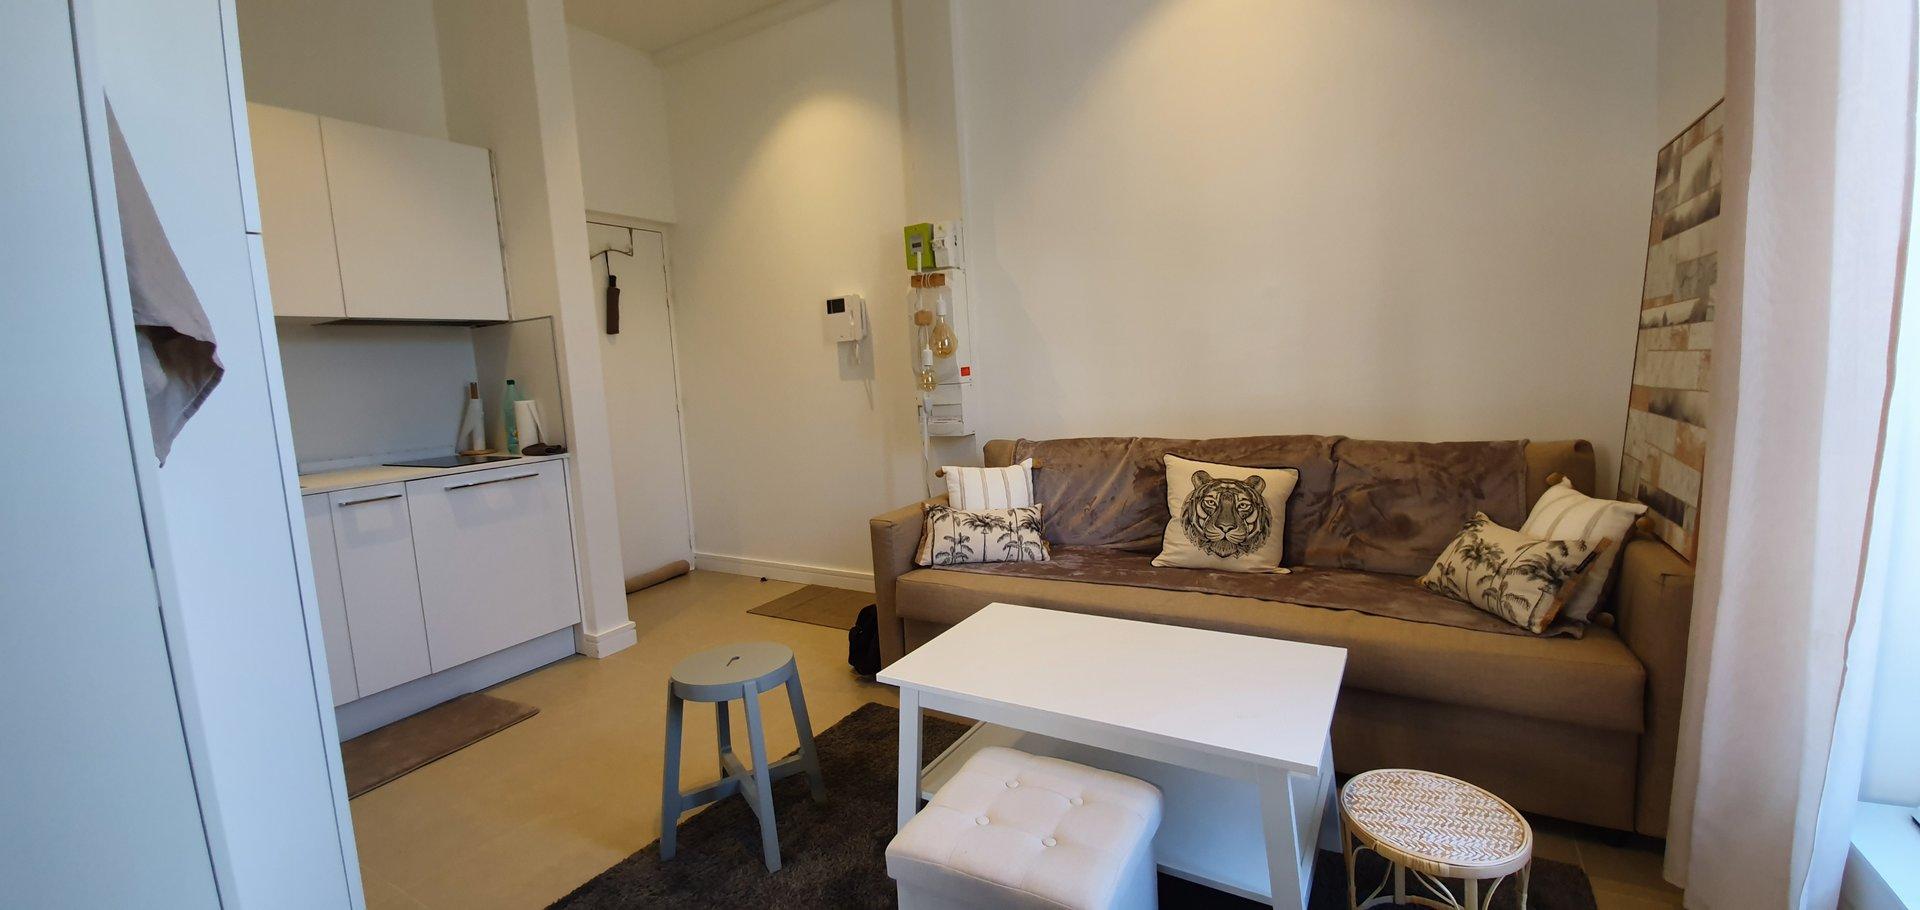 Studio meublé Mont boron